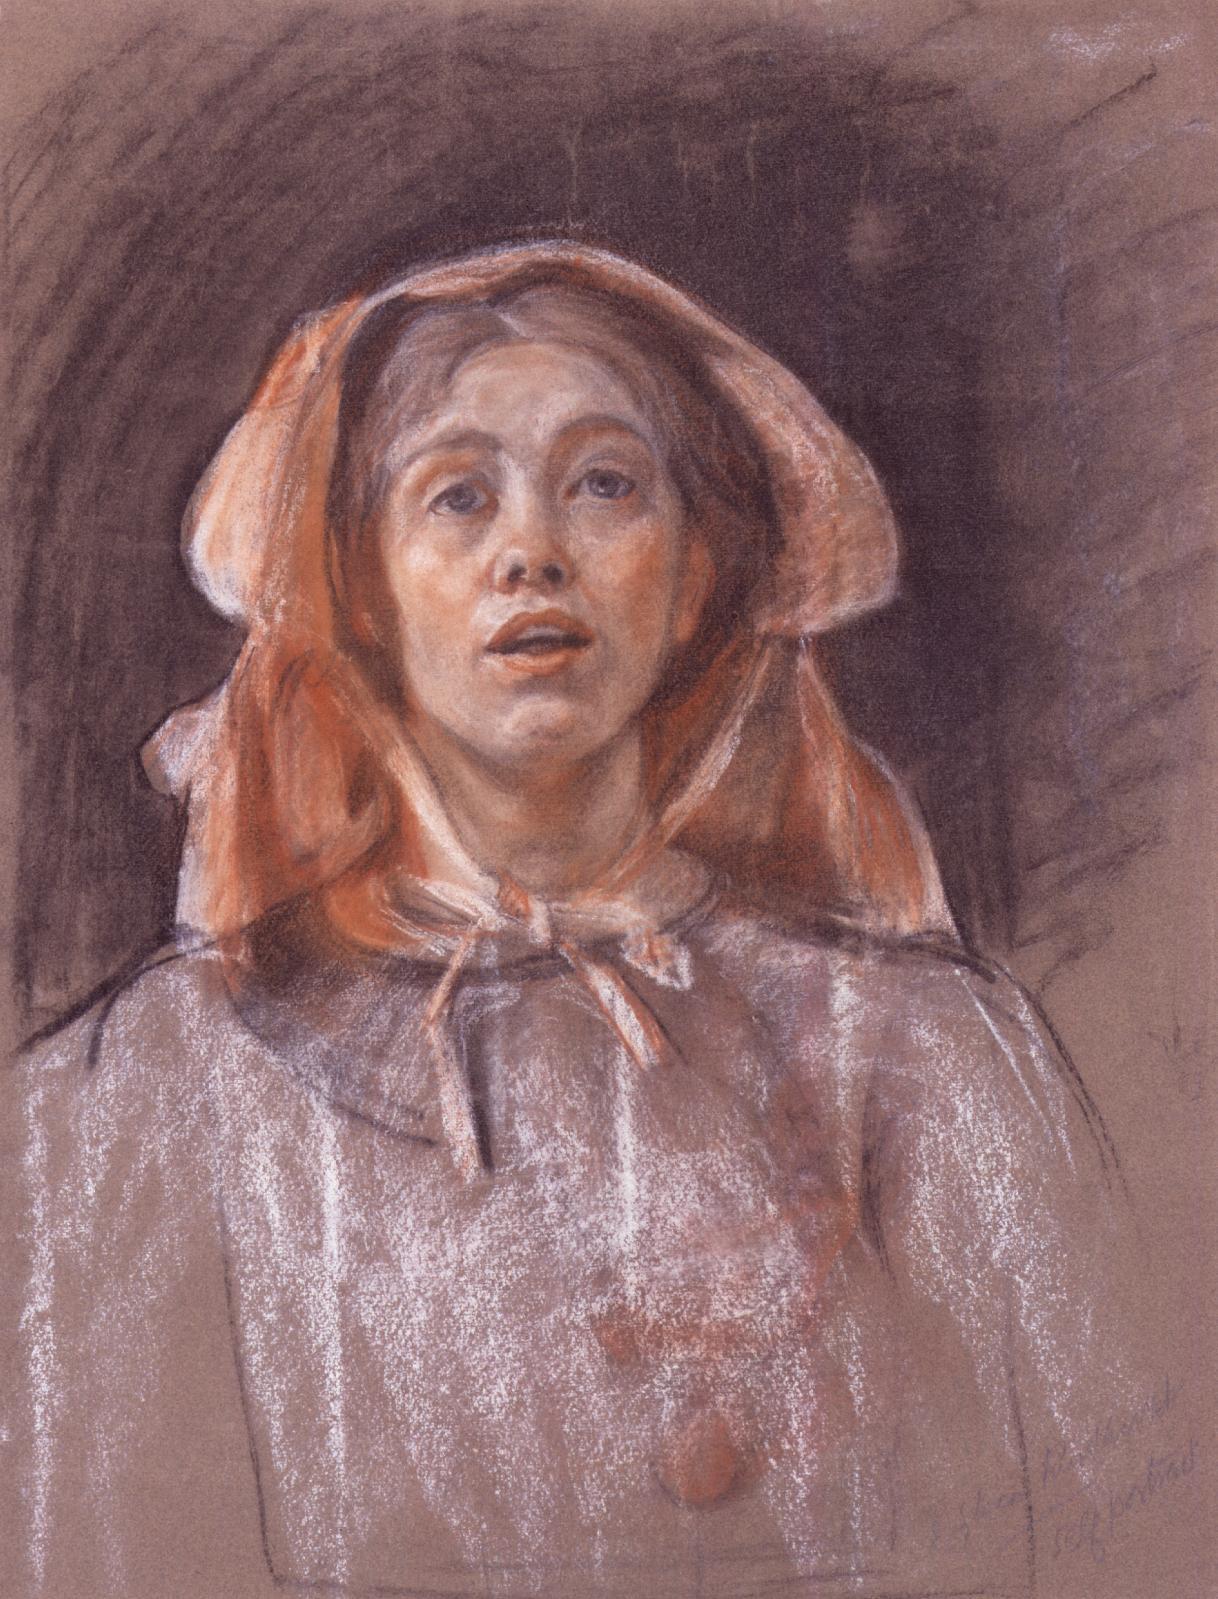 Sylvia Pankhurst by Sylvia Pankhurst, c.1907-1910© National Portrait Gallery, London